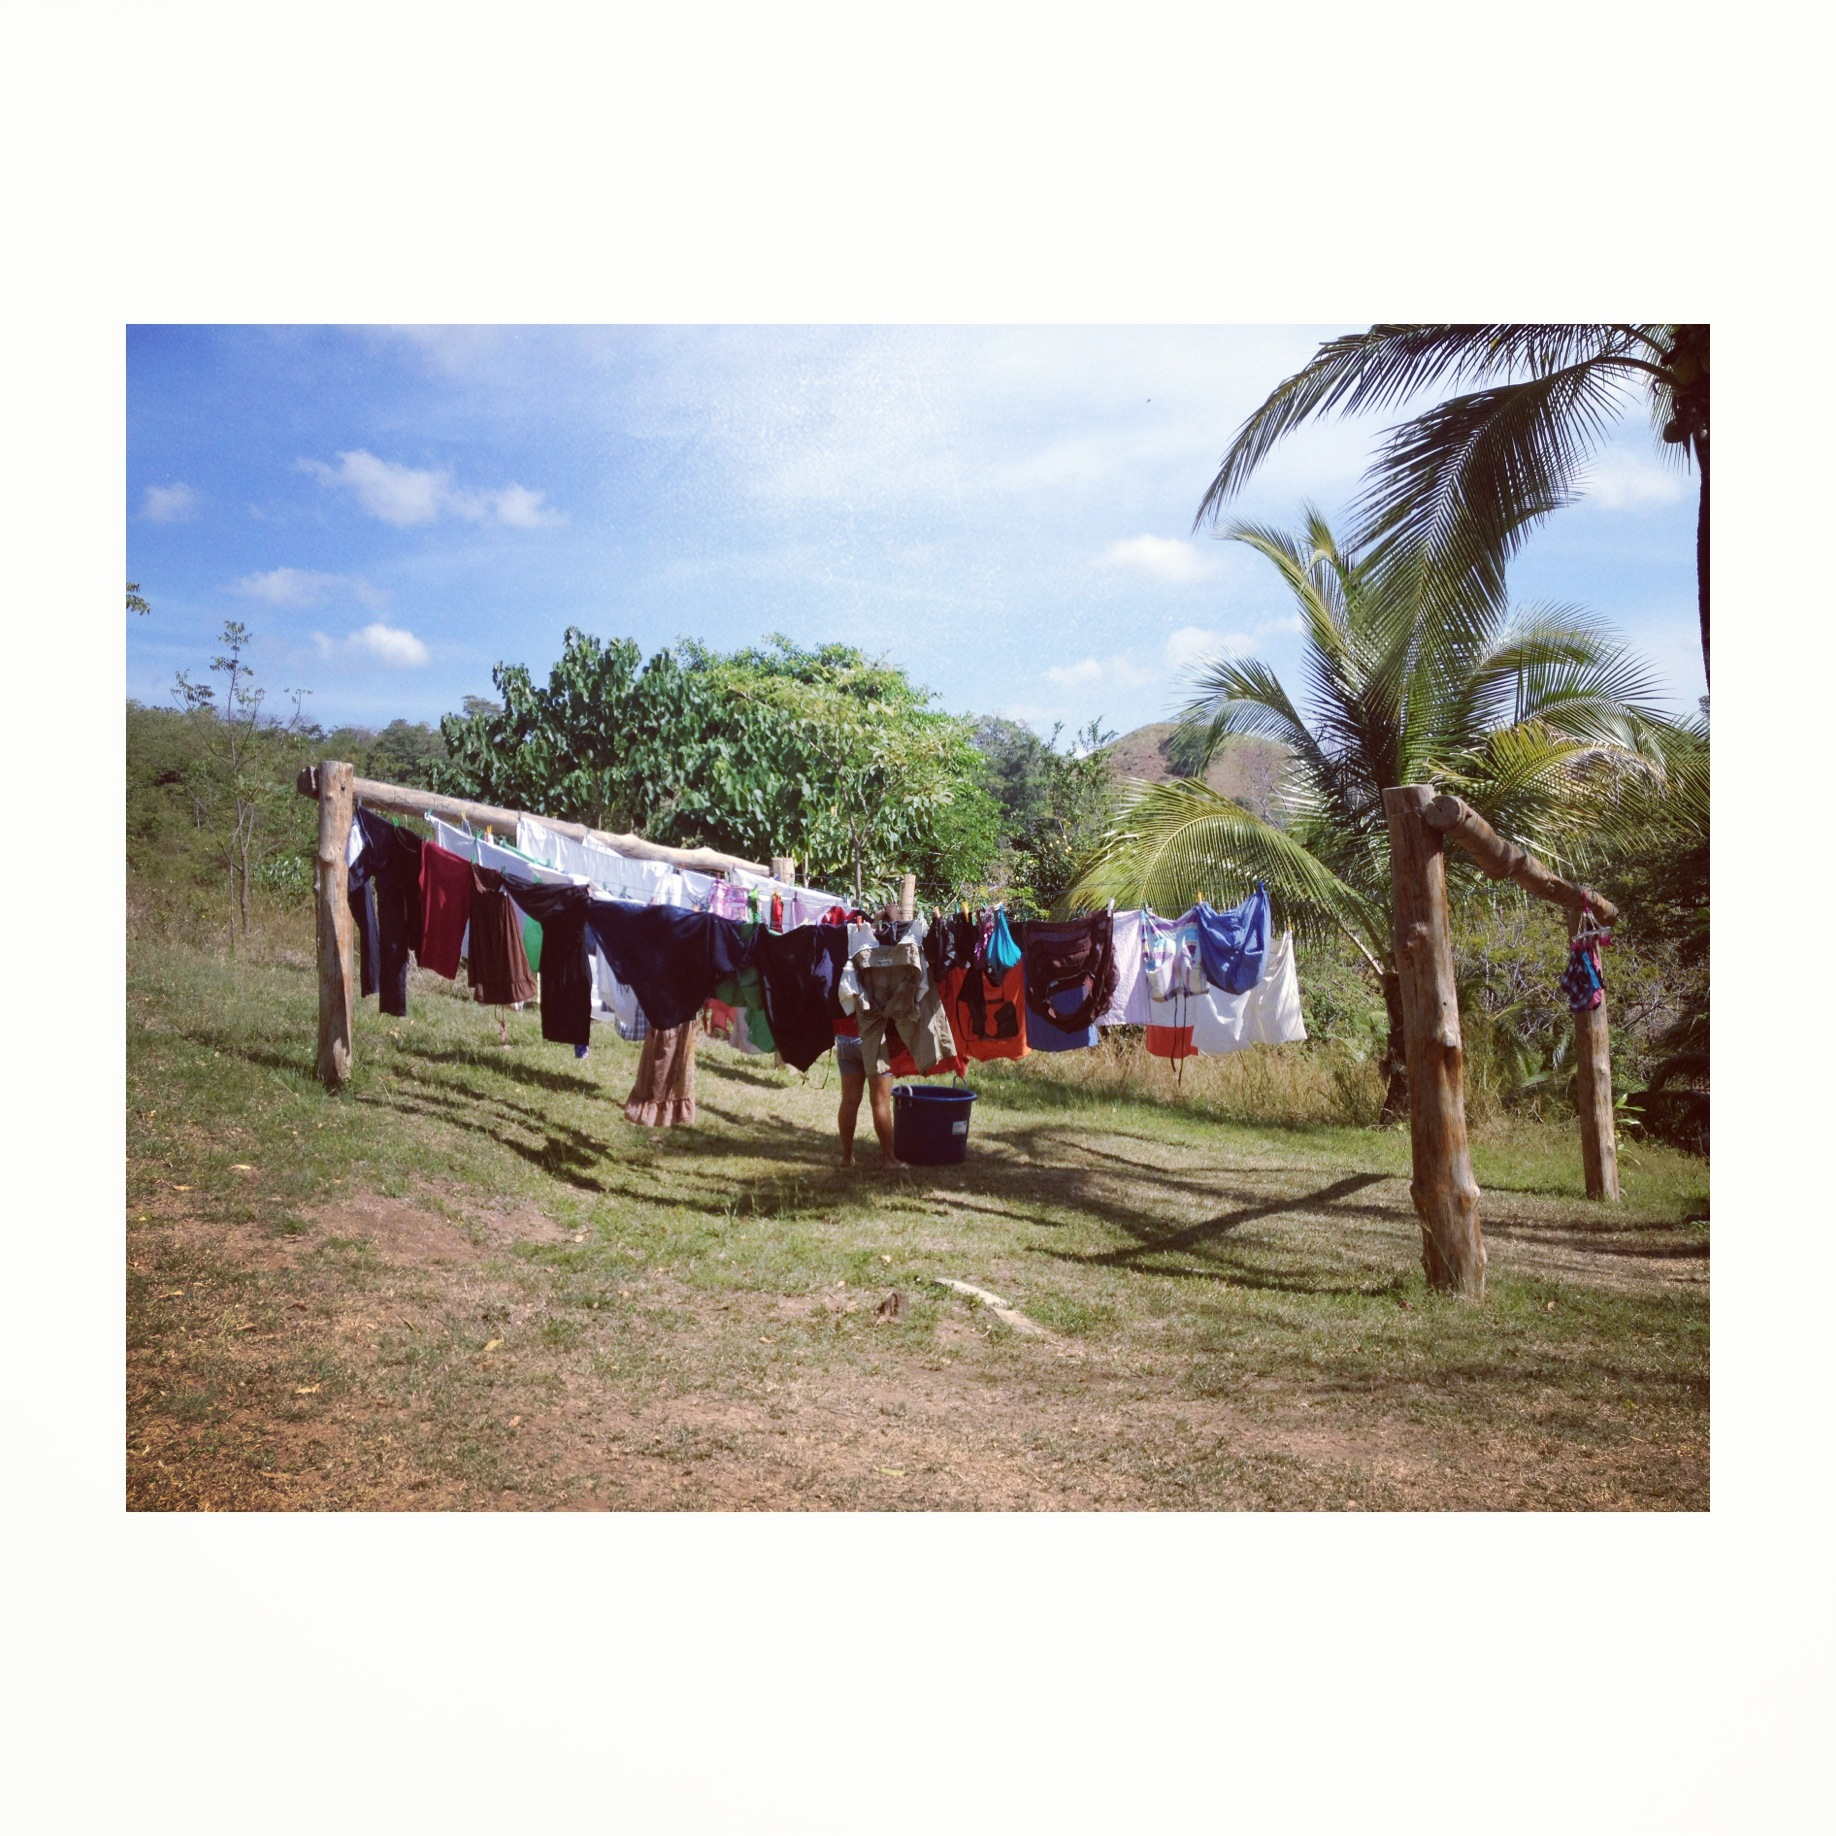 tendedero en Eco Venao en Panama